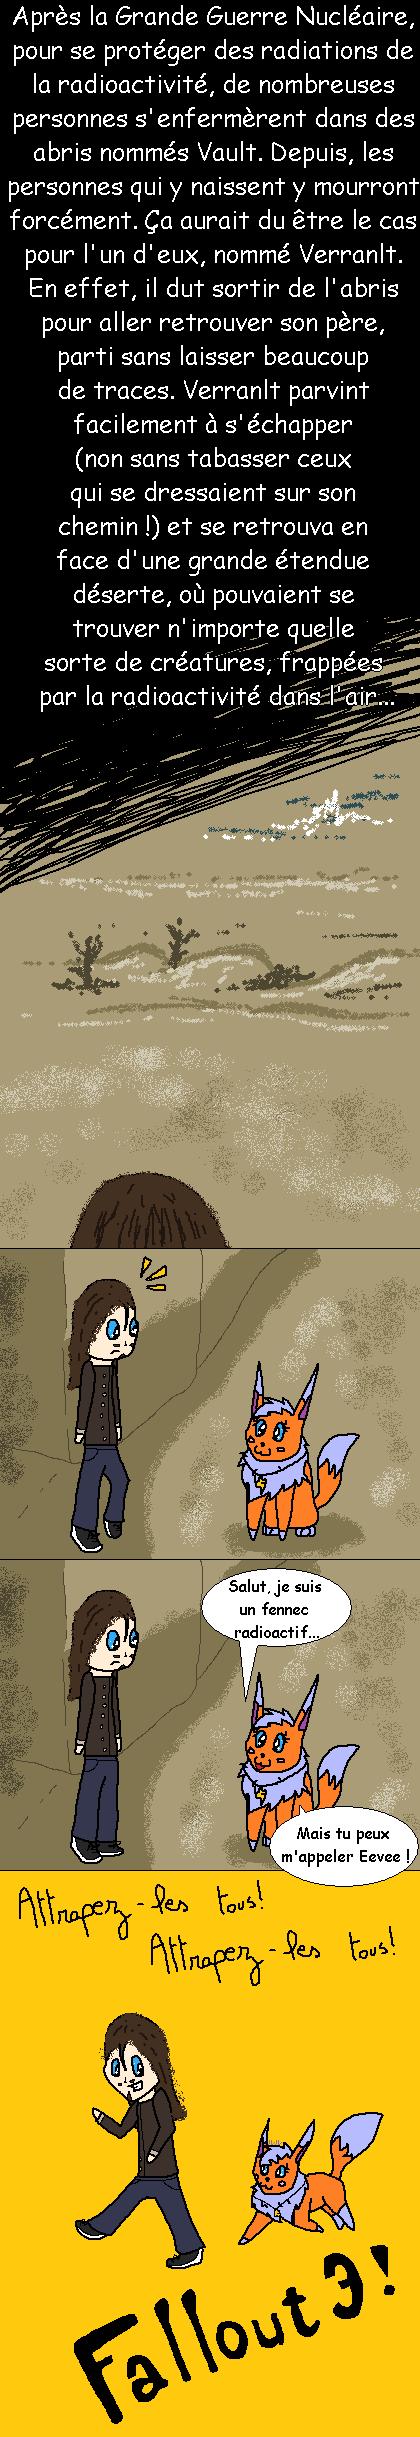 La Galerie de l'Évoli sans cervelle... - Page 2 Fallout_3_by_eevee33-d62dj47